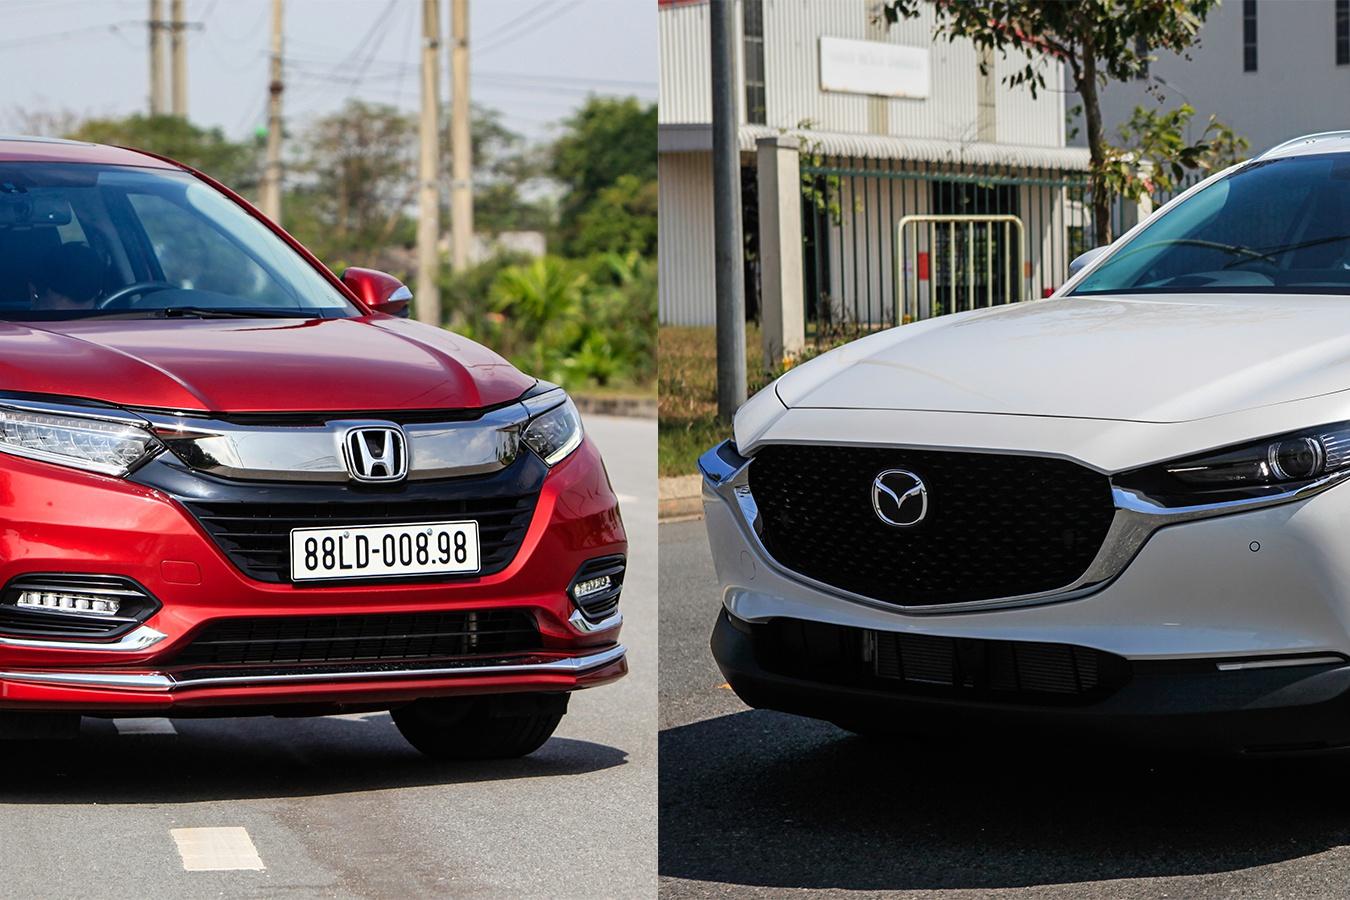 So sanh Mazda CX-30 va Honda HR-V anh 1